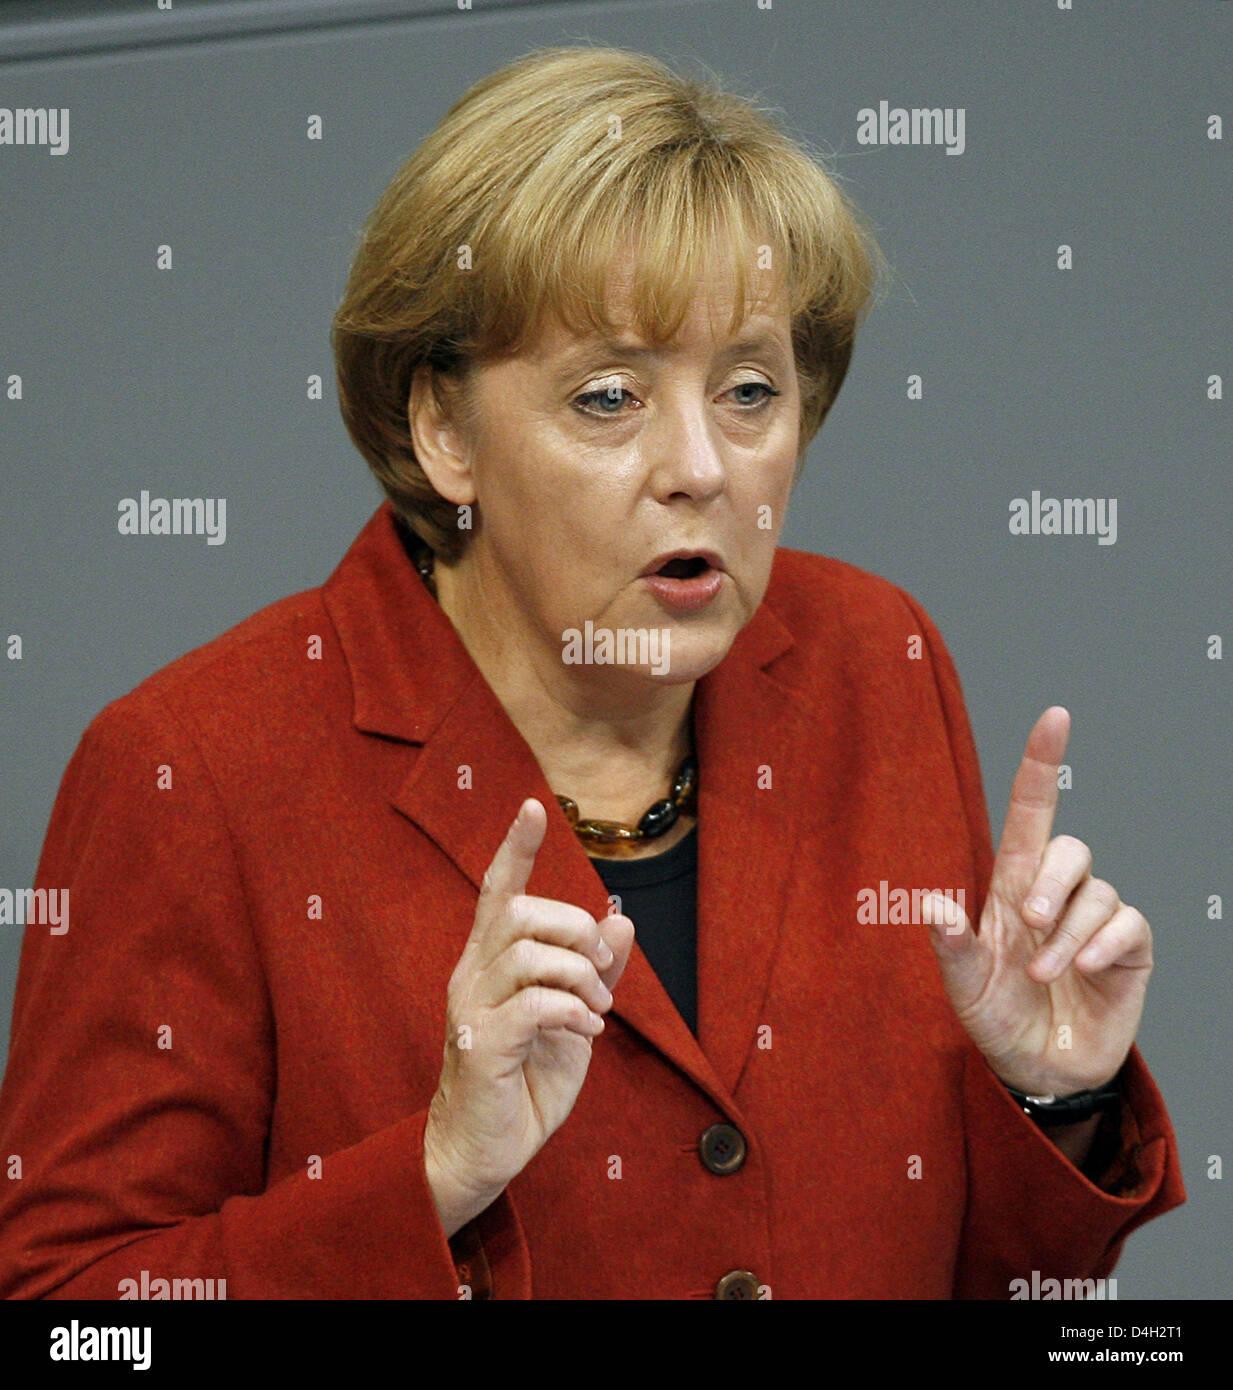 La Canciller alemana Angela Merkel da una declaración del gobierno sobre la crisis financiera mundial en el Bundestag en Berlín, Alemania, el 15 de octubre de 2008. El parlamento alemán debate el plan de rescate de los bancos y el aumento de los beneficios para los niños. Foto: Wolfgang KUMM Foto de stock